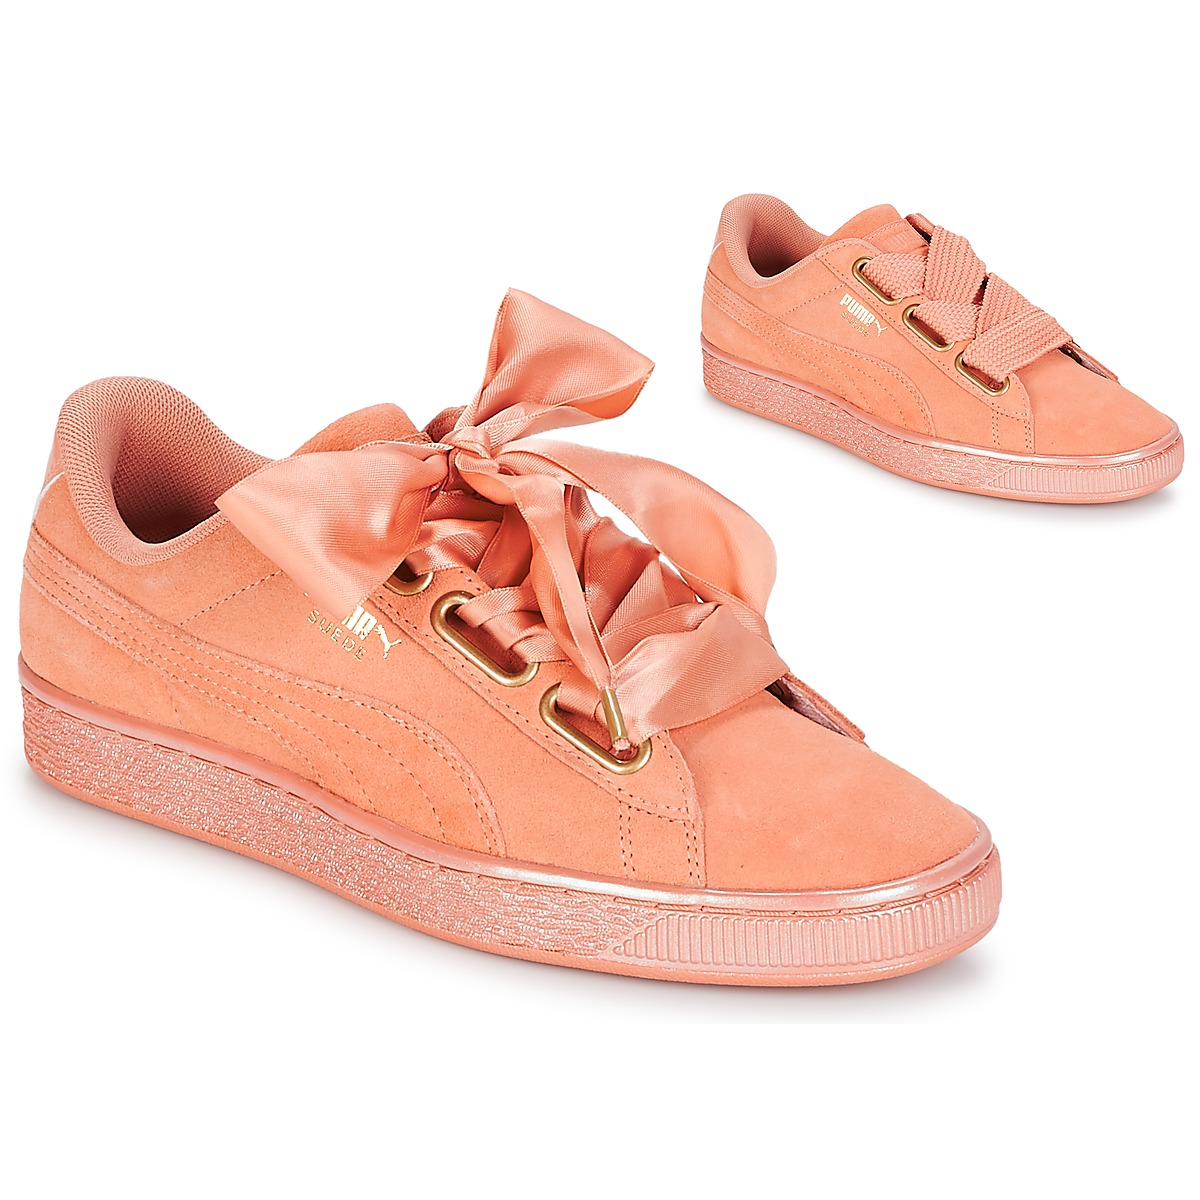 Puma WN SUEDE HEART SATINDUSTY Orange - Kostenloser Versand bei Spartoode ! - Schuhe Sneaker Low Damen 89,99 €